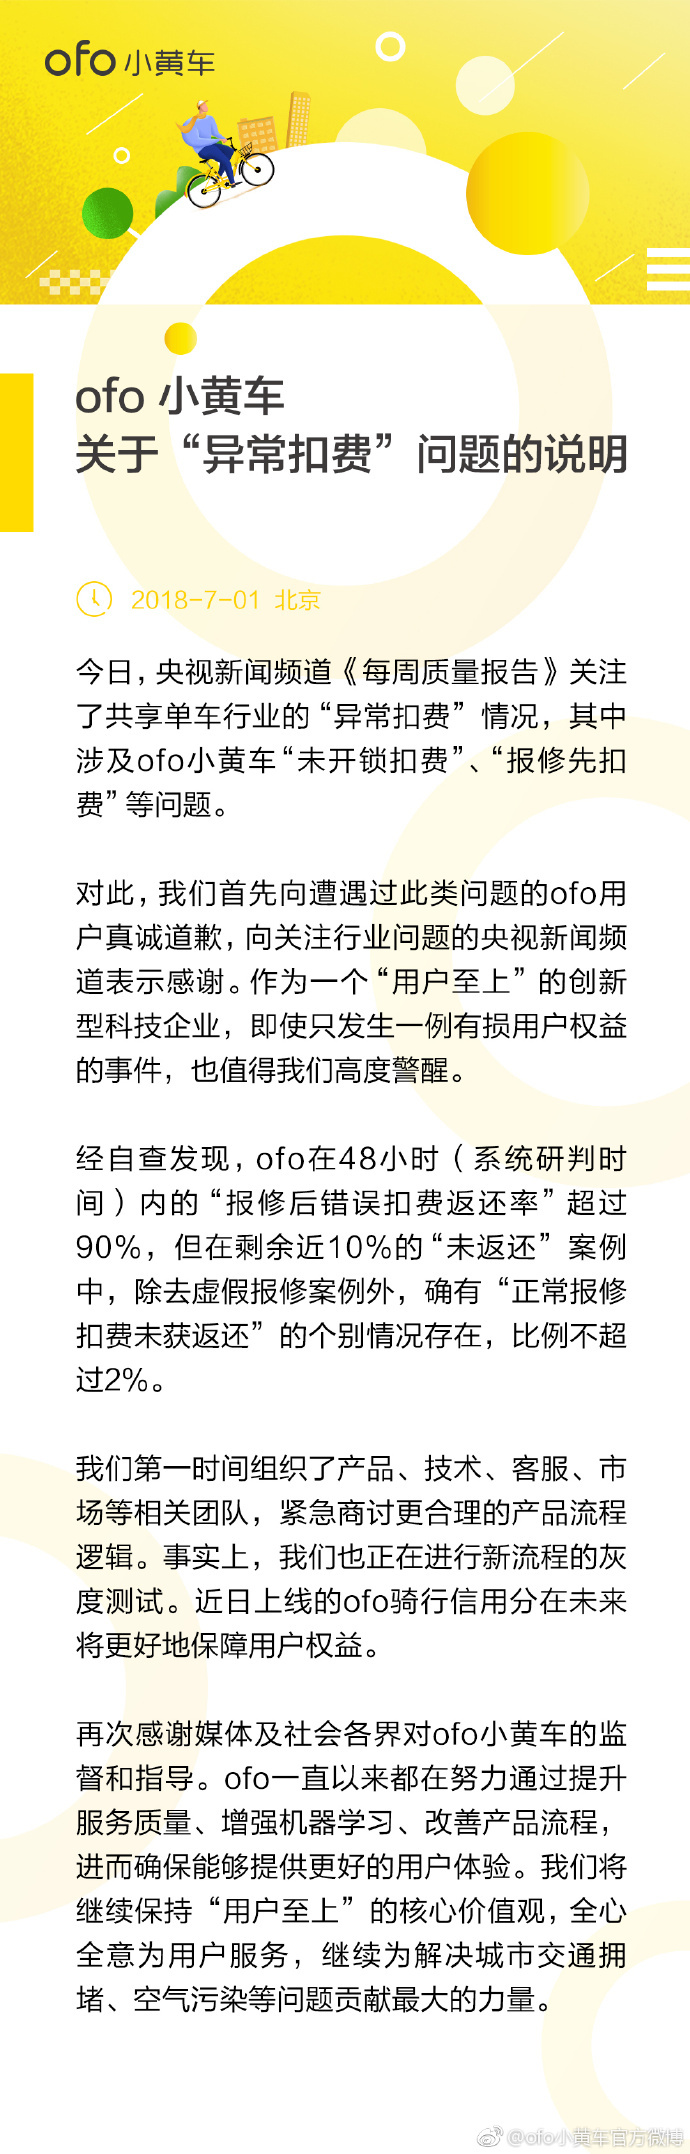 ofo小黄车发布关于异常扣费问题的说明的照片 - 2